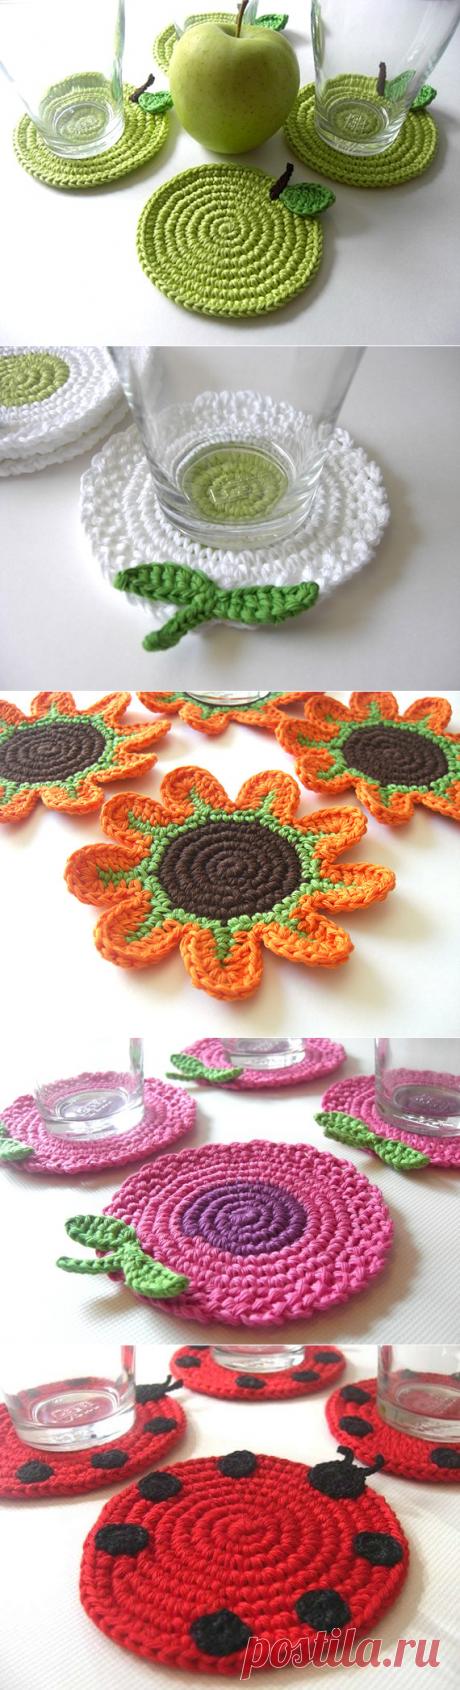 Красиво-для кухни - цветочно-фруктовые подложки крючком